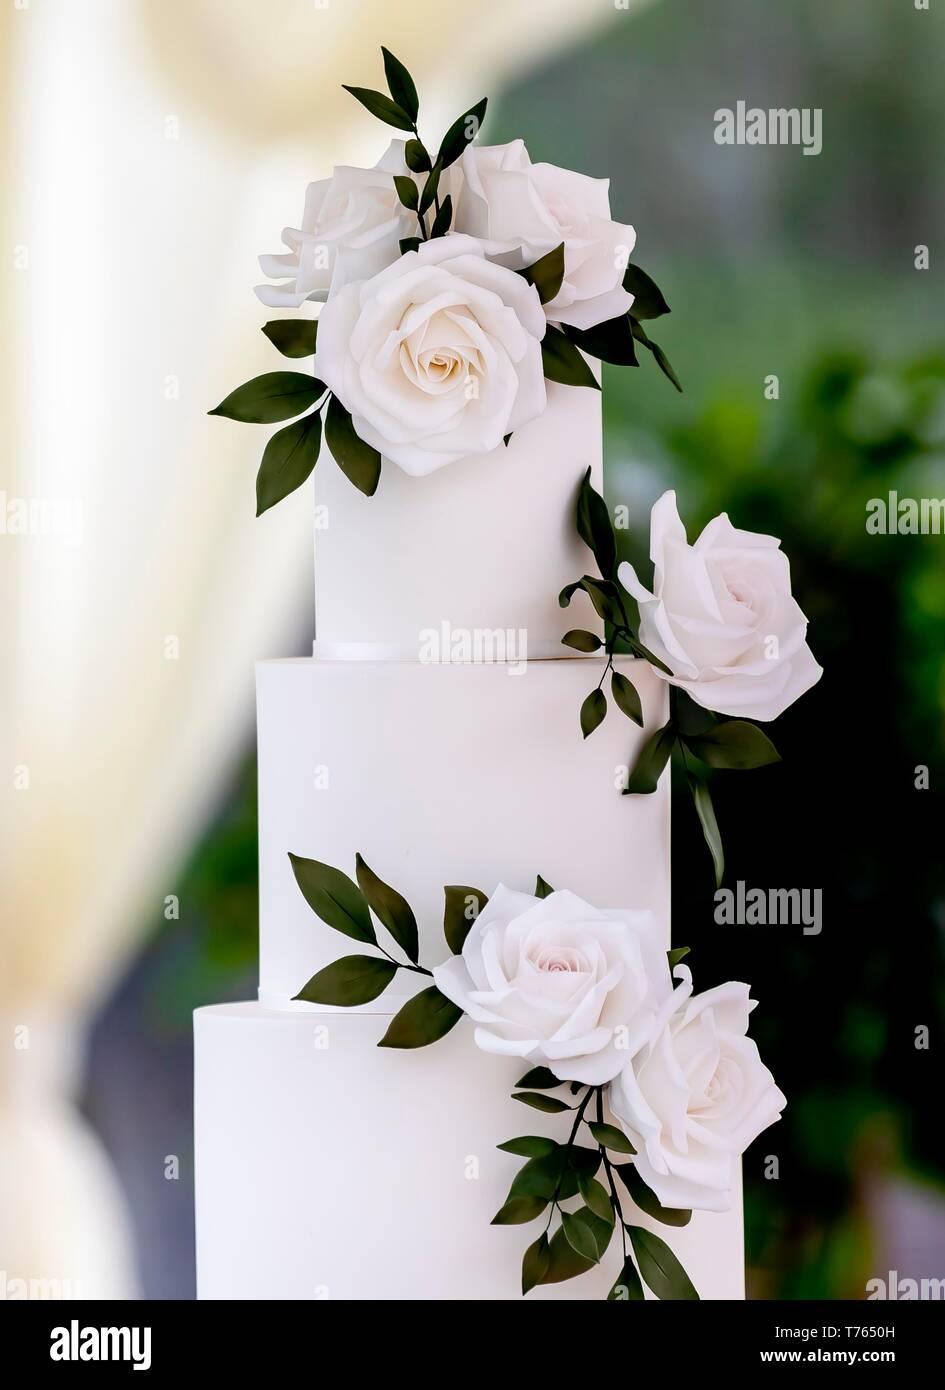 Cerca de pastel de boda elegante y minimalista decorado con rosas blancas sobre una tabla en una carpa tradicional de verano. Foto de stock